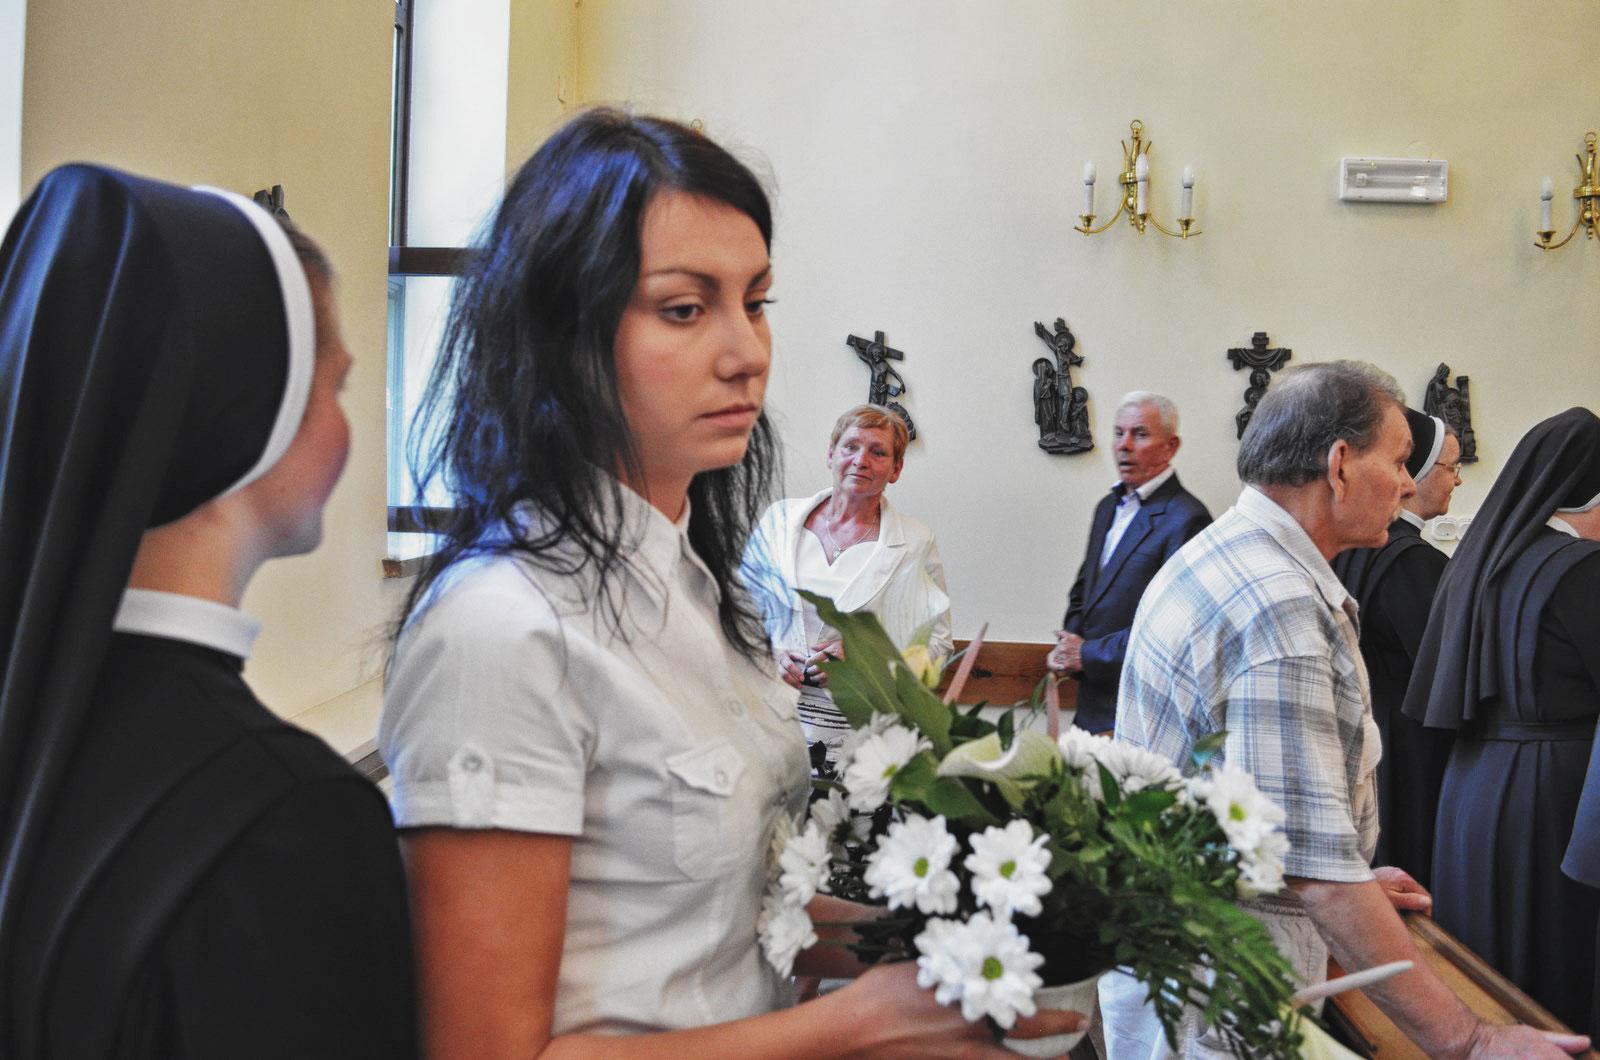 Sióstr_św_Elżbiety-Pierwsze_Śluby_fotorelacja-I-SLUBY-DSC_0578-min.jpg